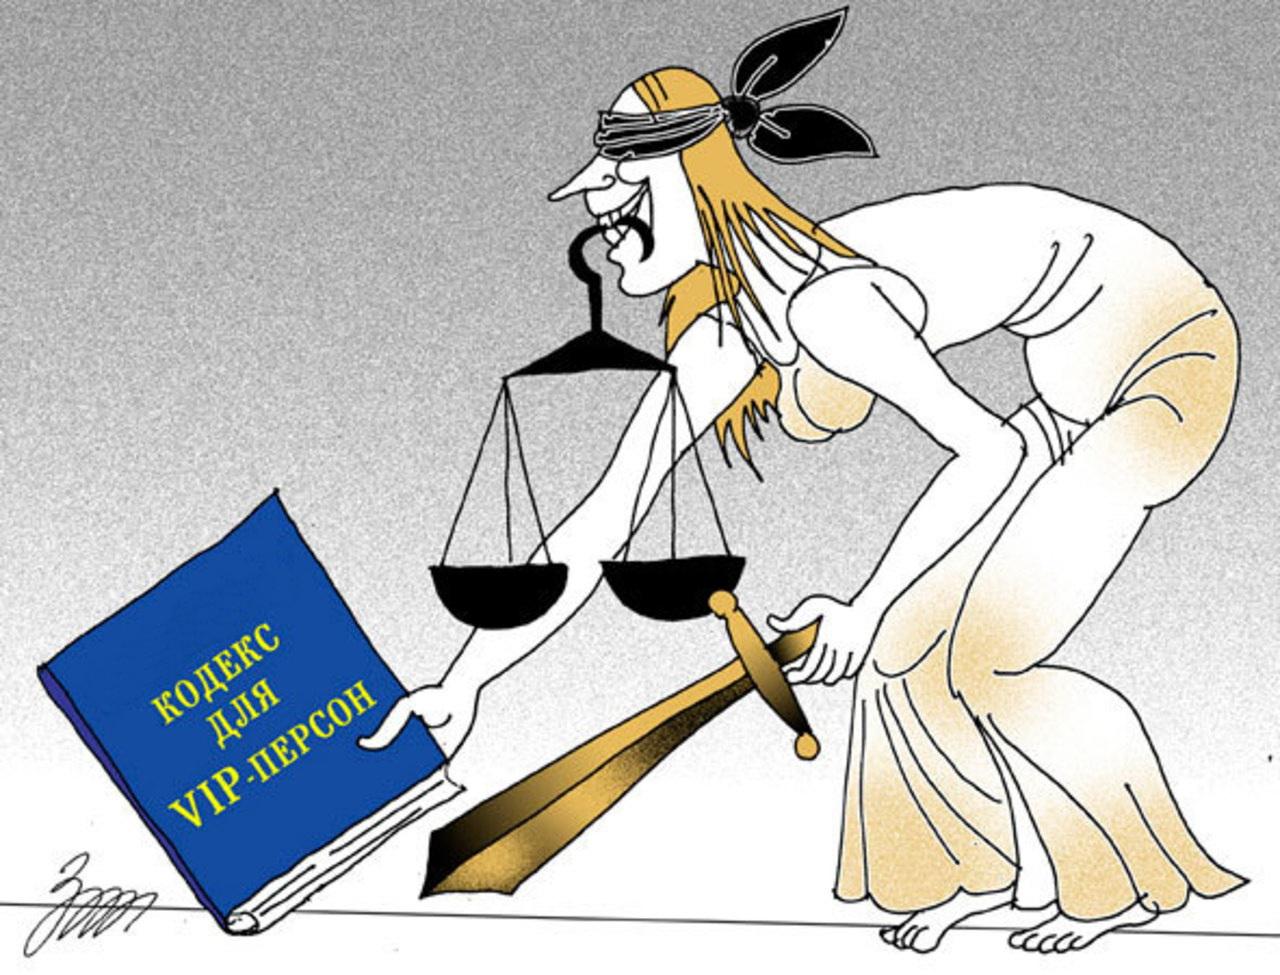 Смешные картинки про суд и правосудие, своими руками